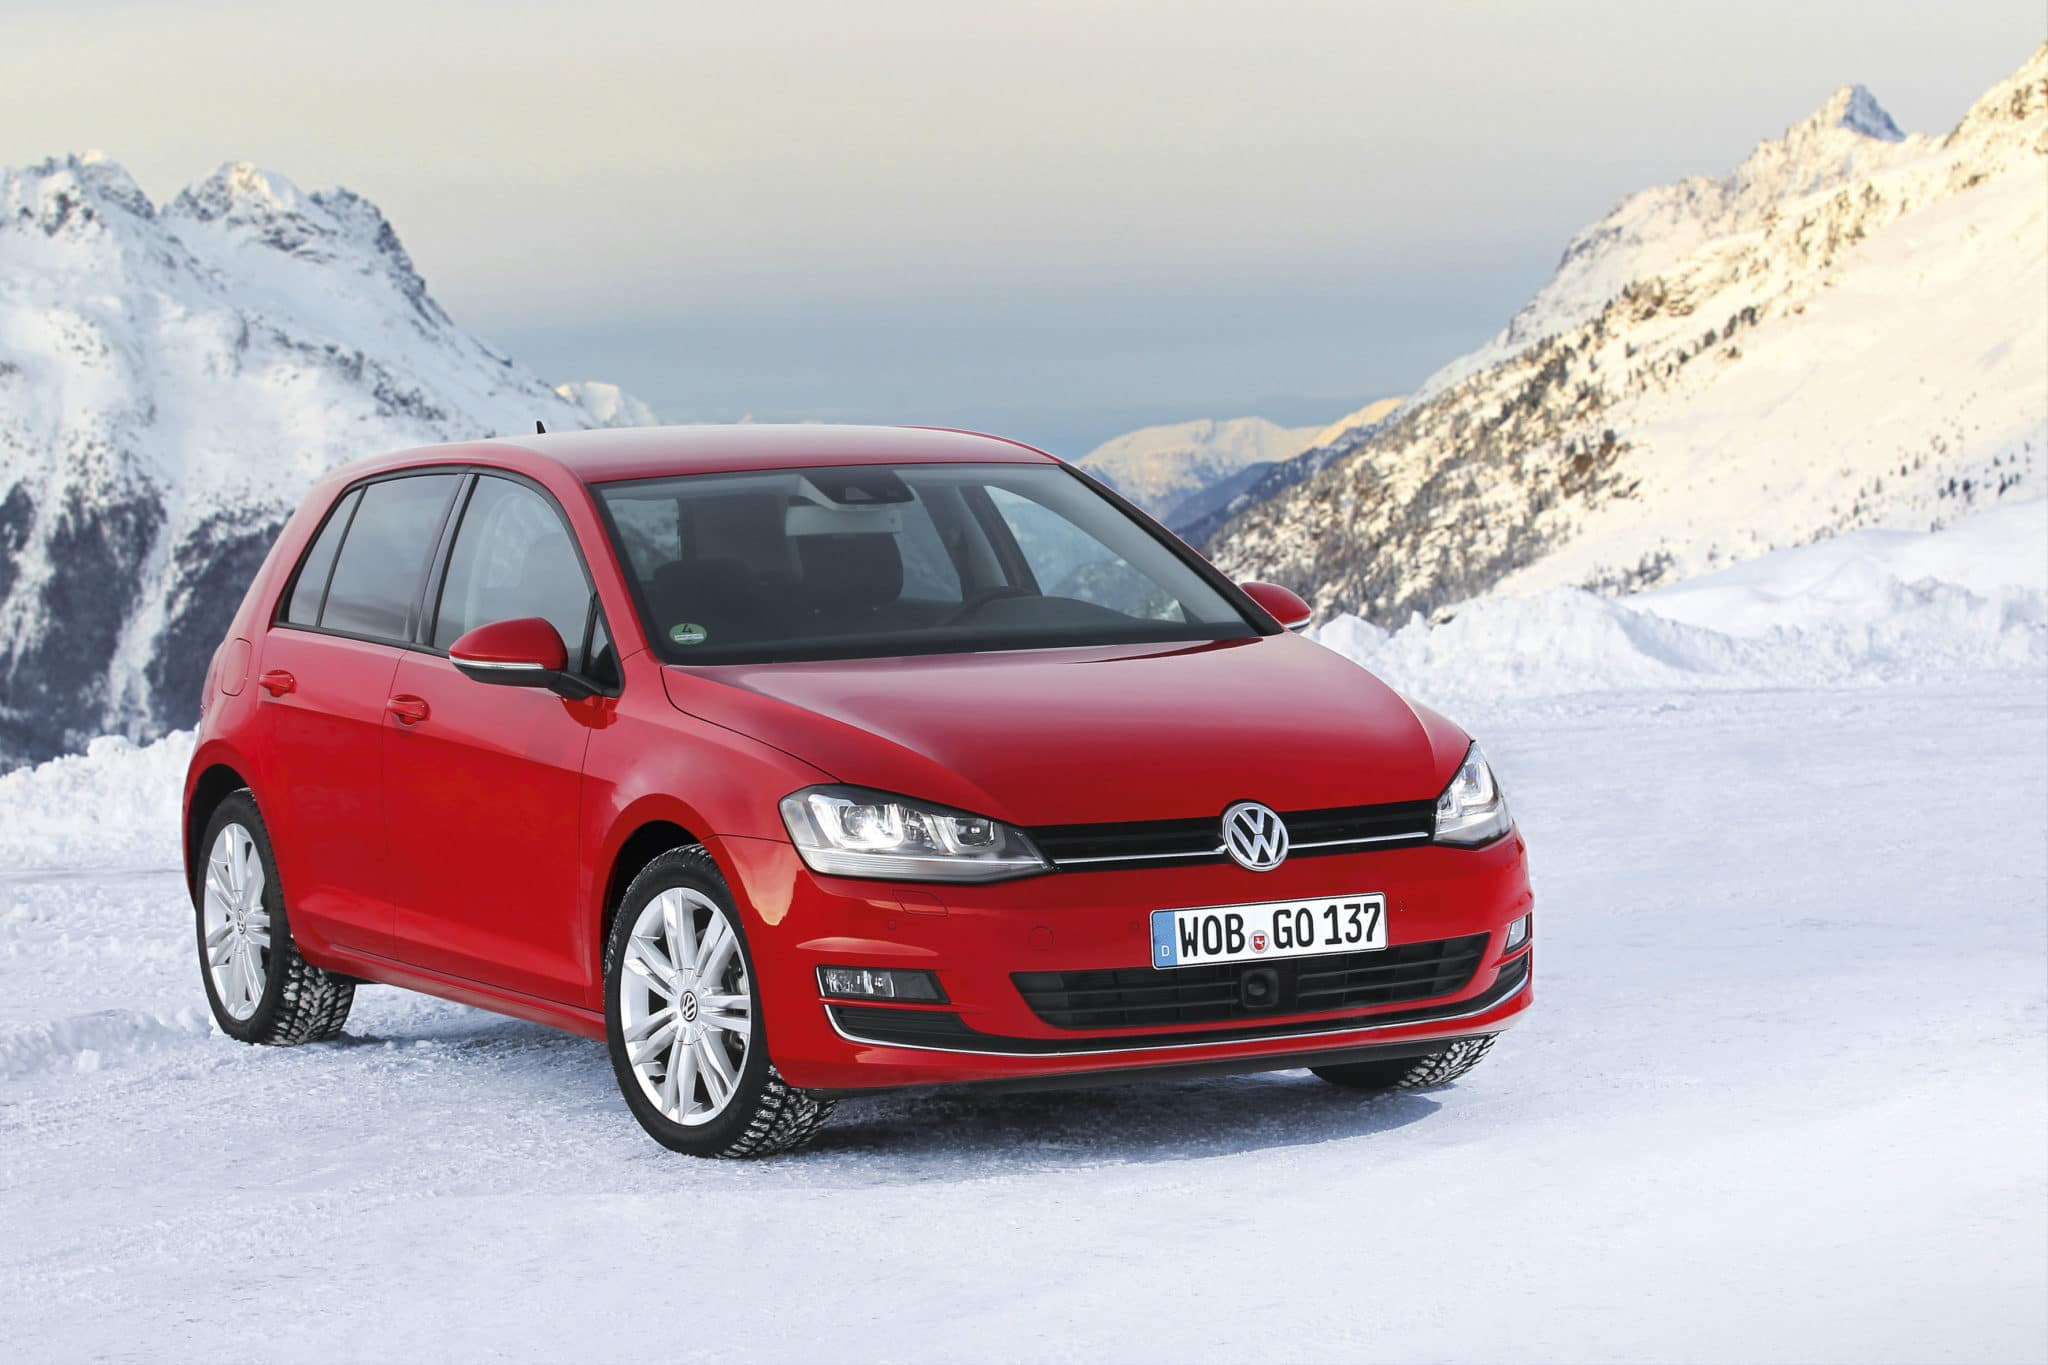 Nuova Golf 4Motion: si punta su consumi ridotti e trazione integrale